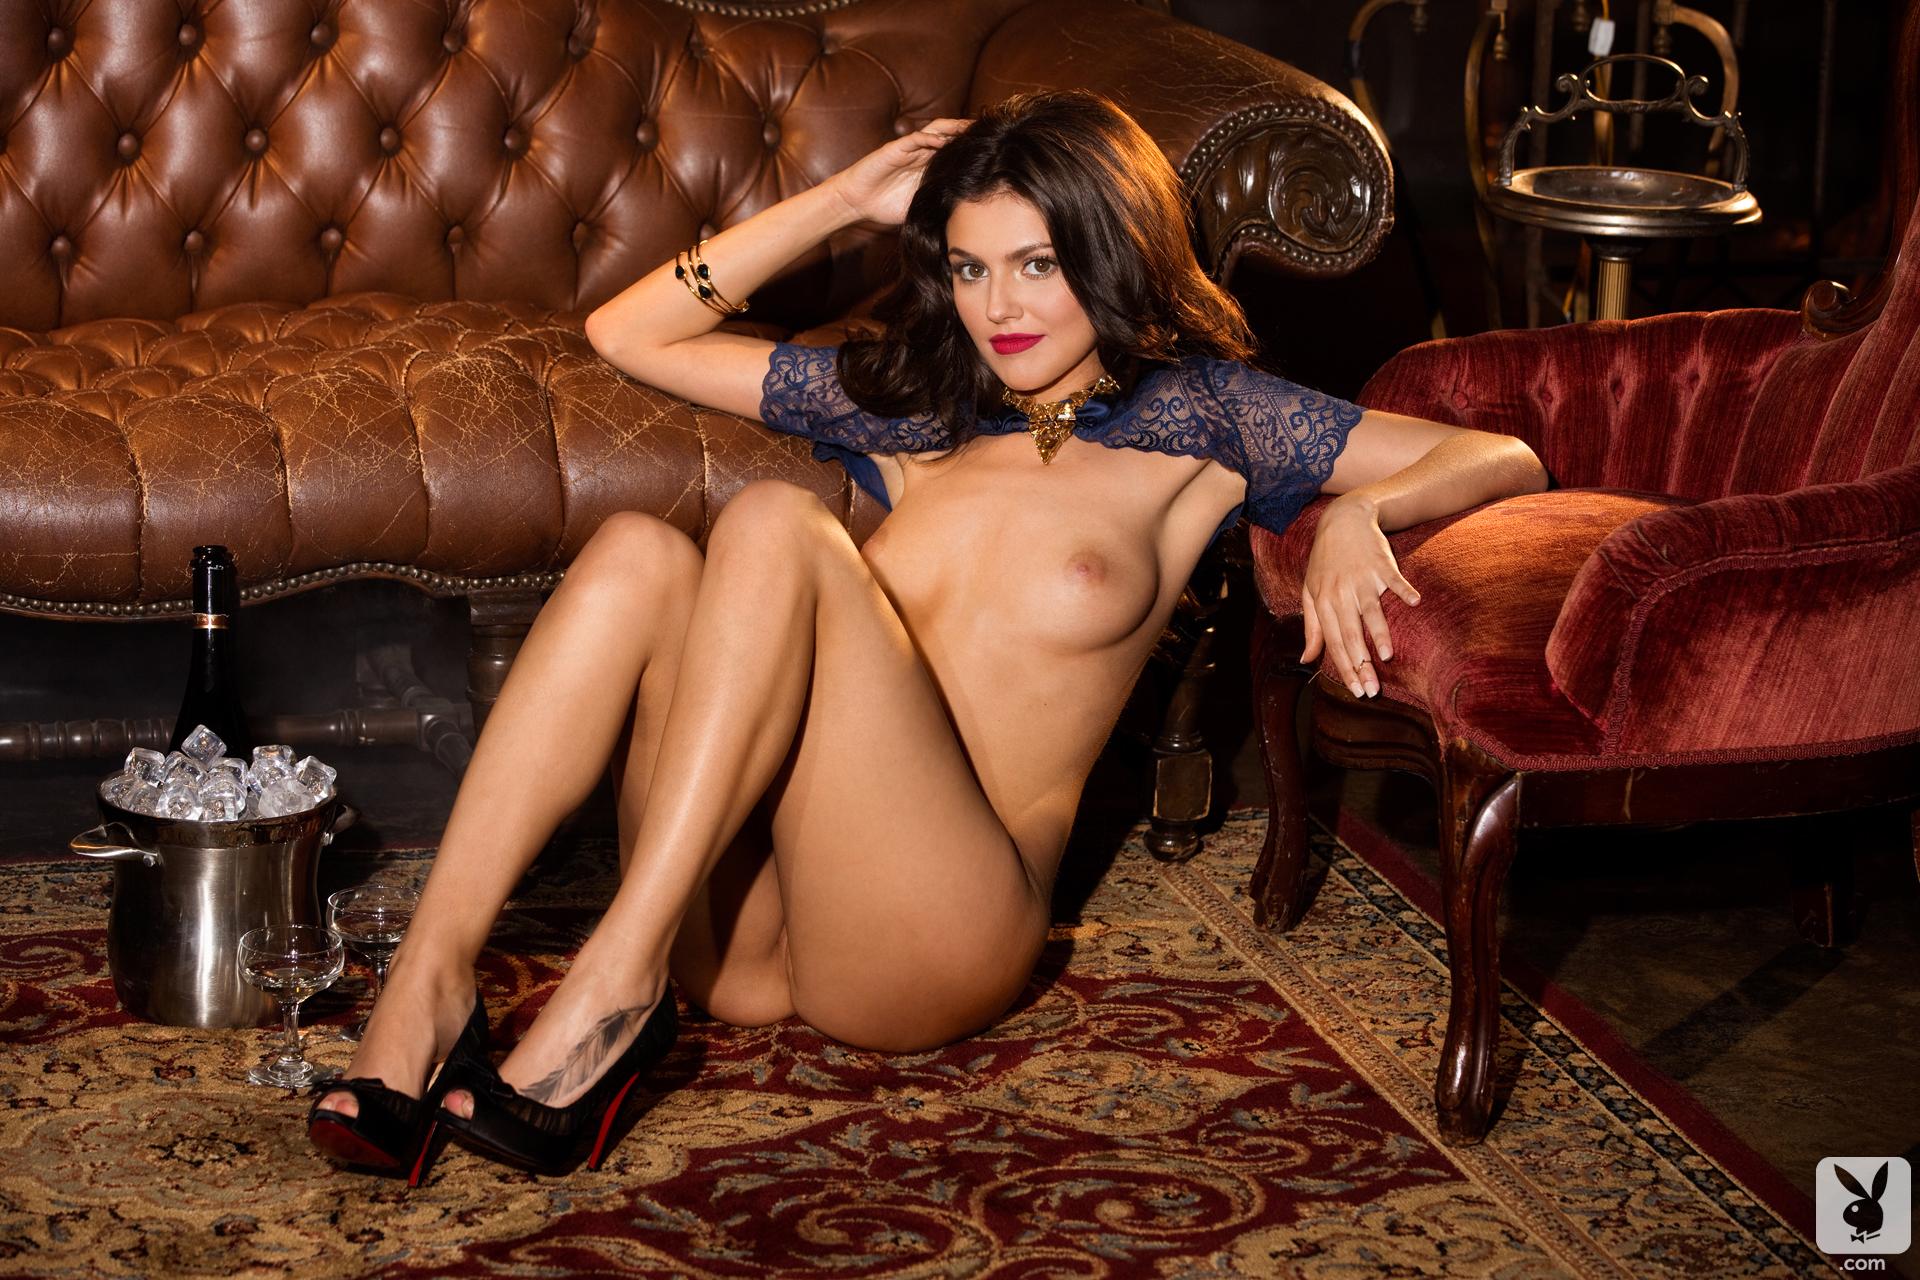 Таня таня смотреть онлайн скоморохова 19 фотография